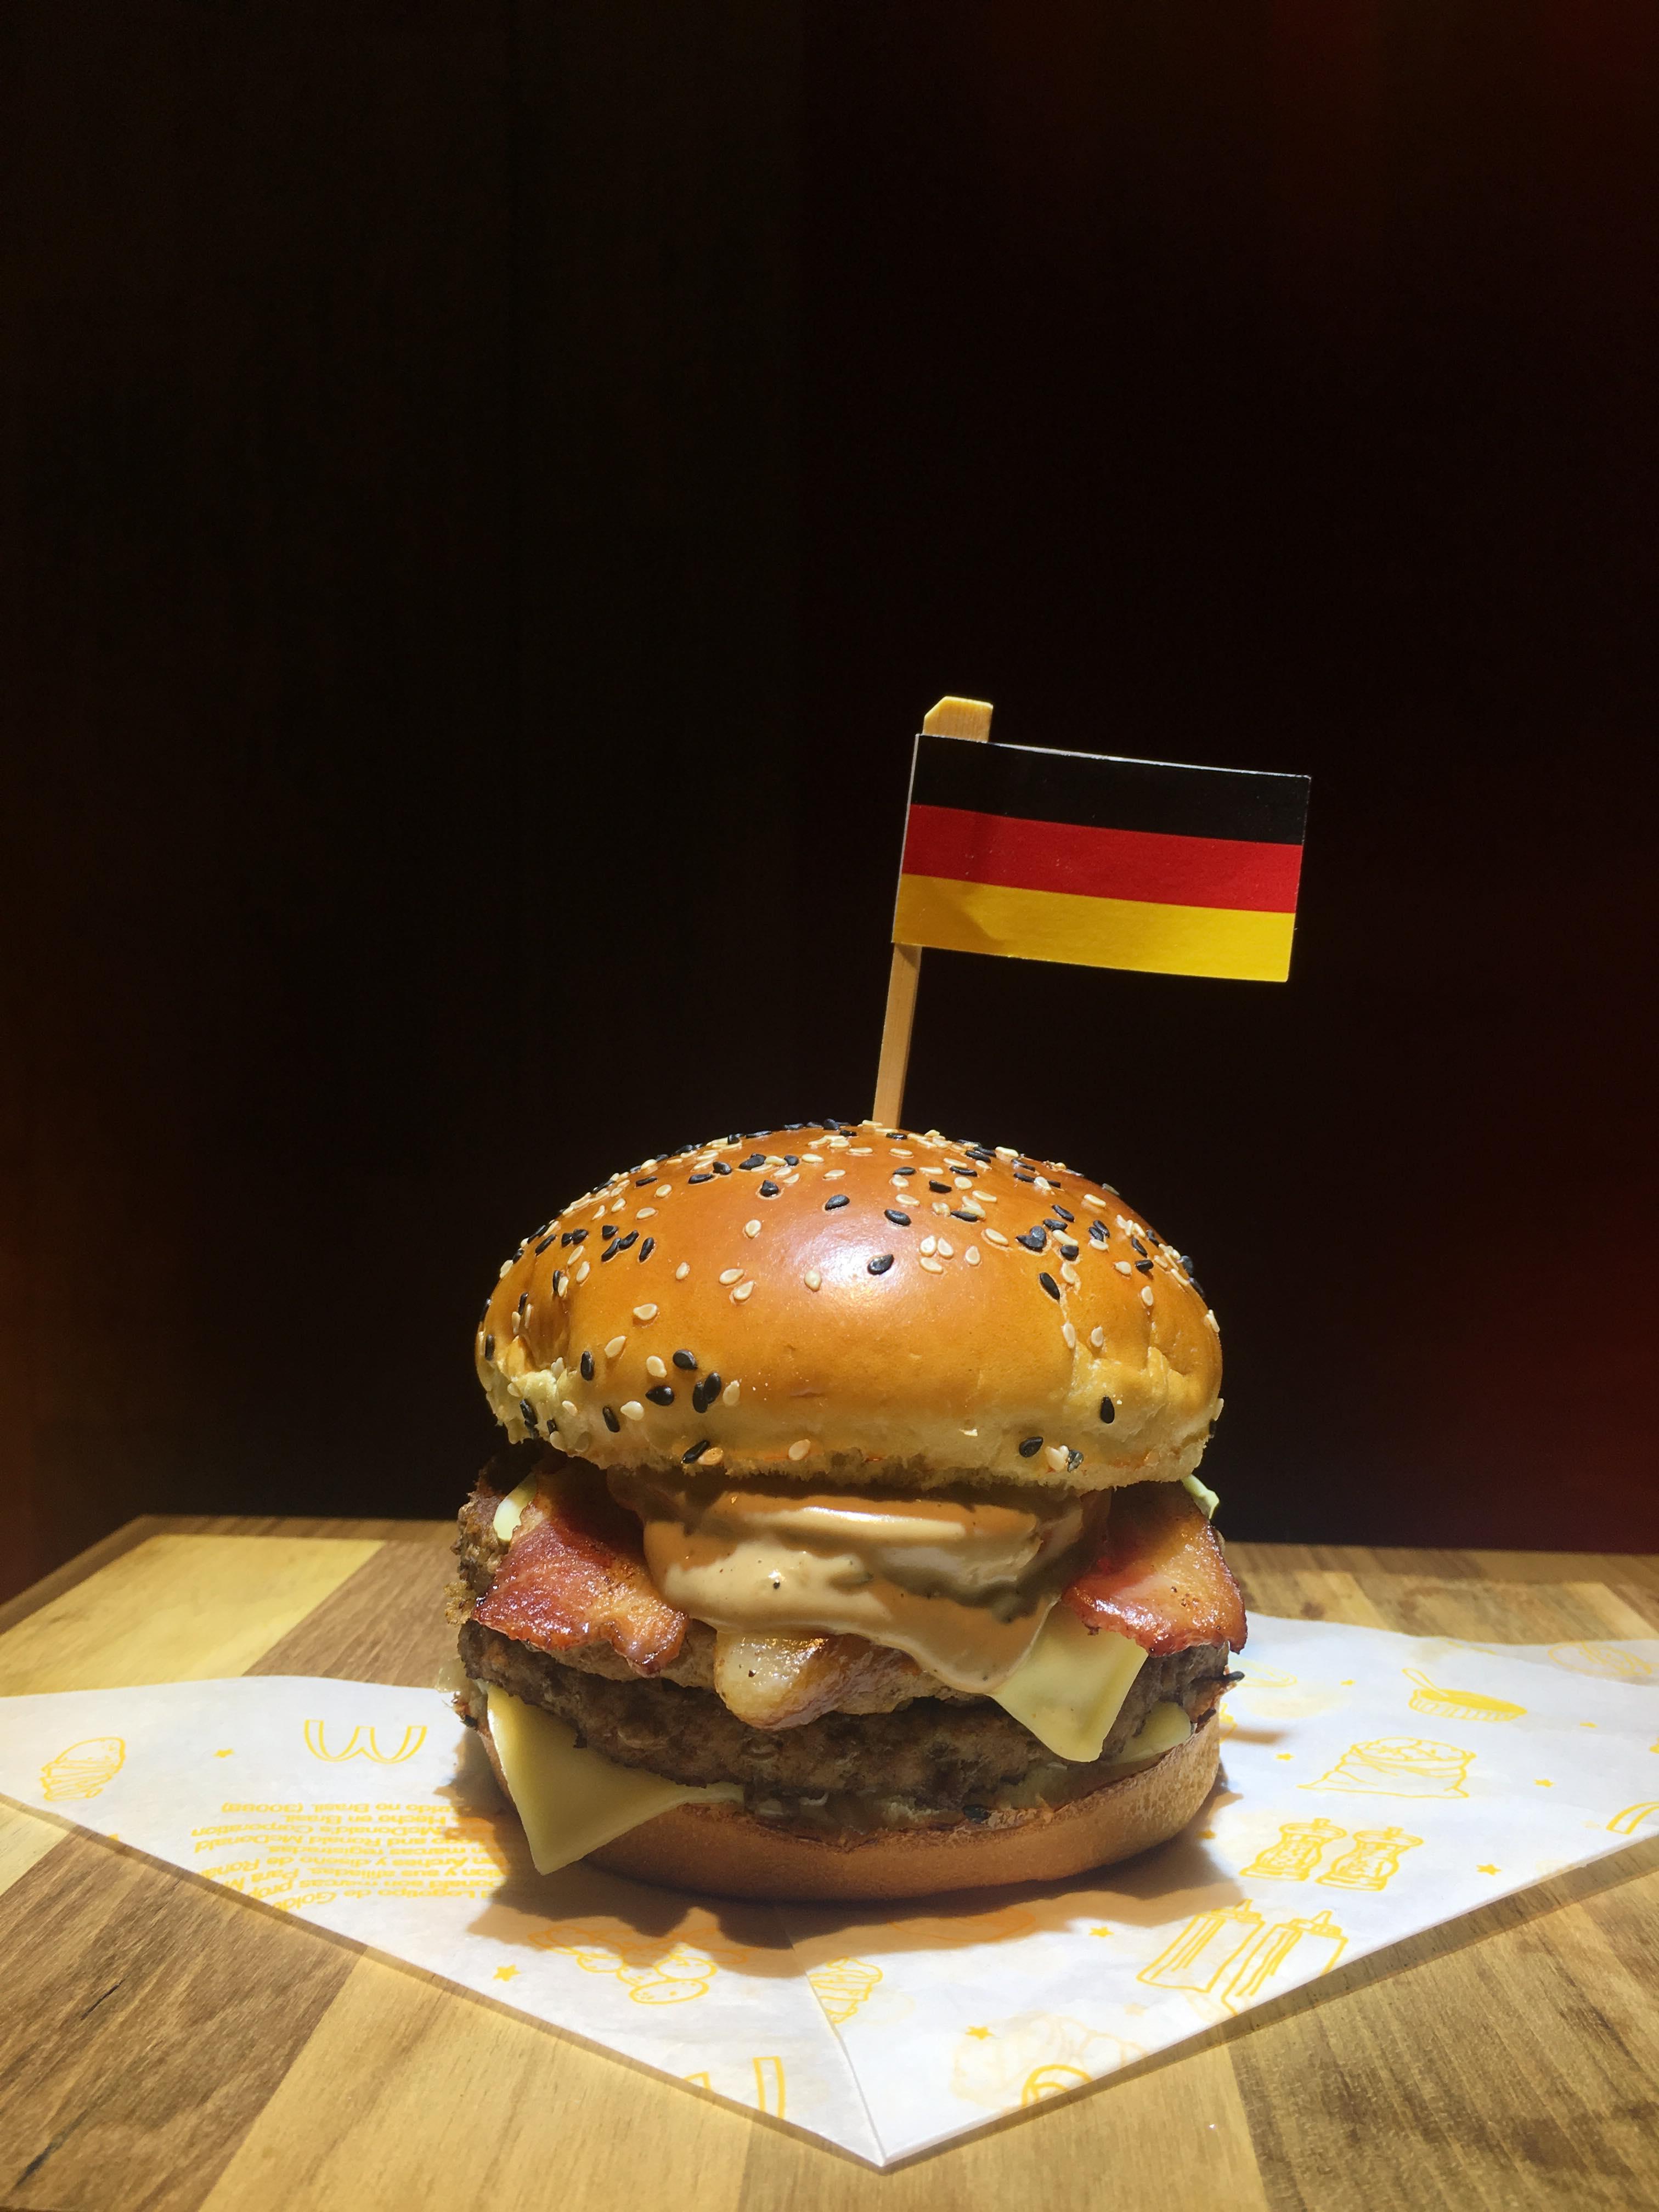 31408134 1900590519991276 6615064253697097728 n Lanches da Copa do McDonalds: Provamos todos e cá está o ranking dos melhores